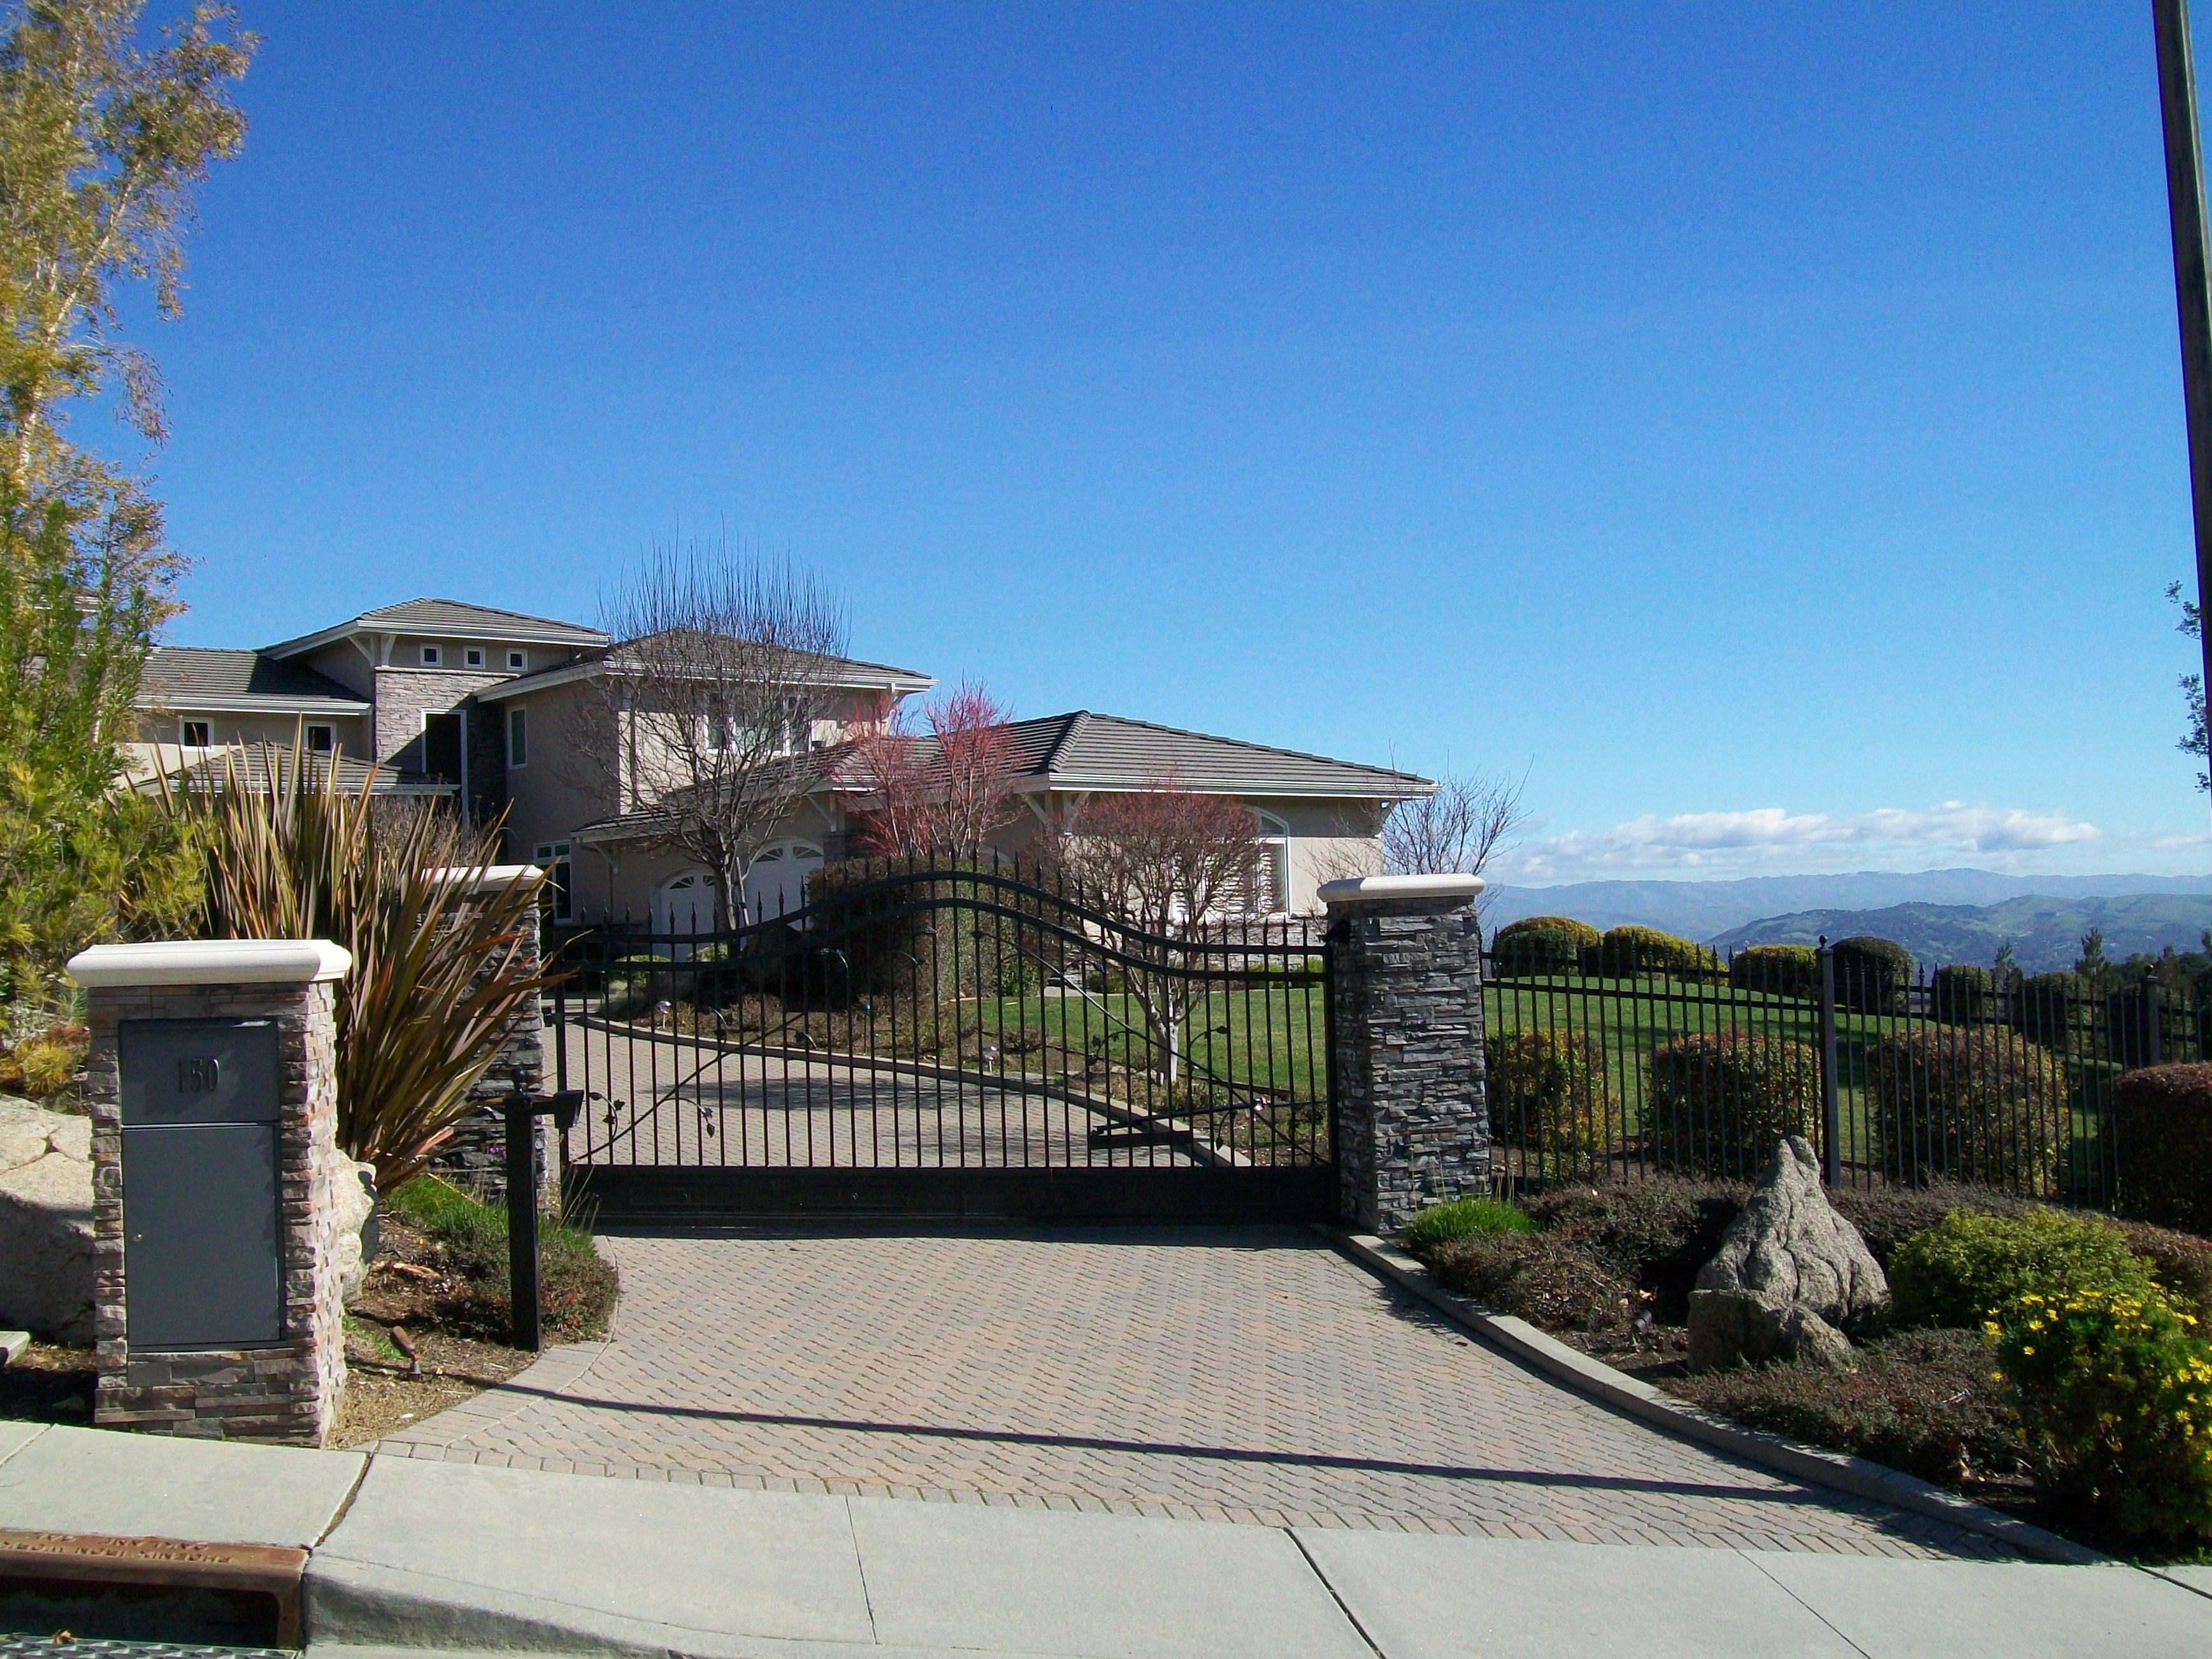 Sierra Azule view home - Santa Rosa Drive and Sierra Azule neighborhood